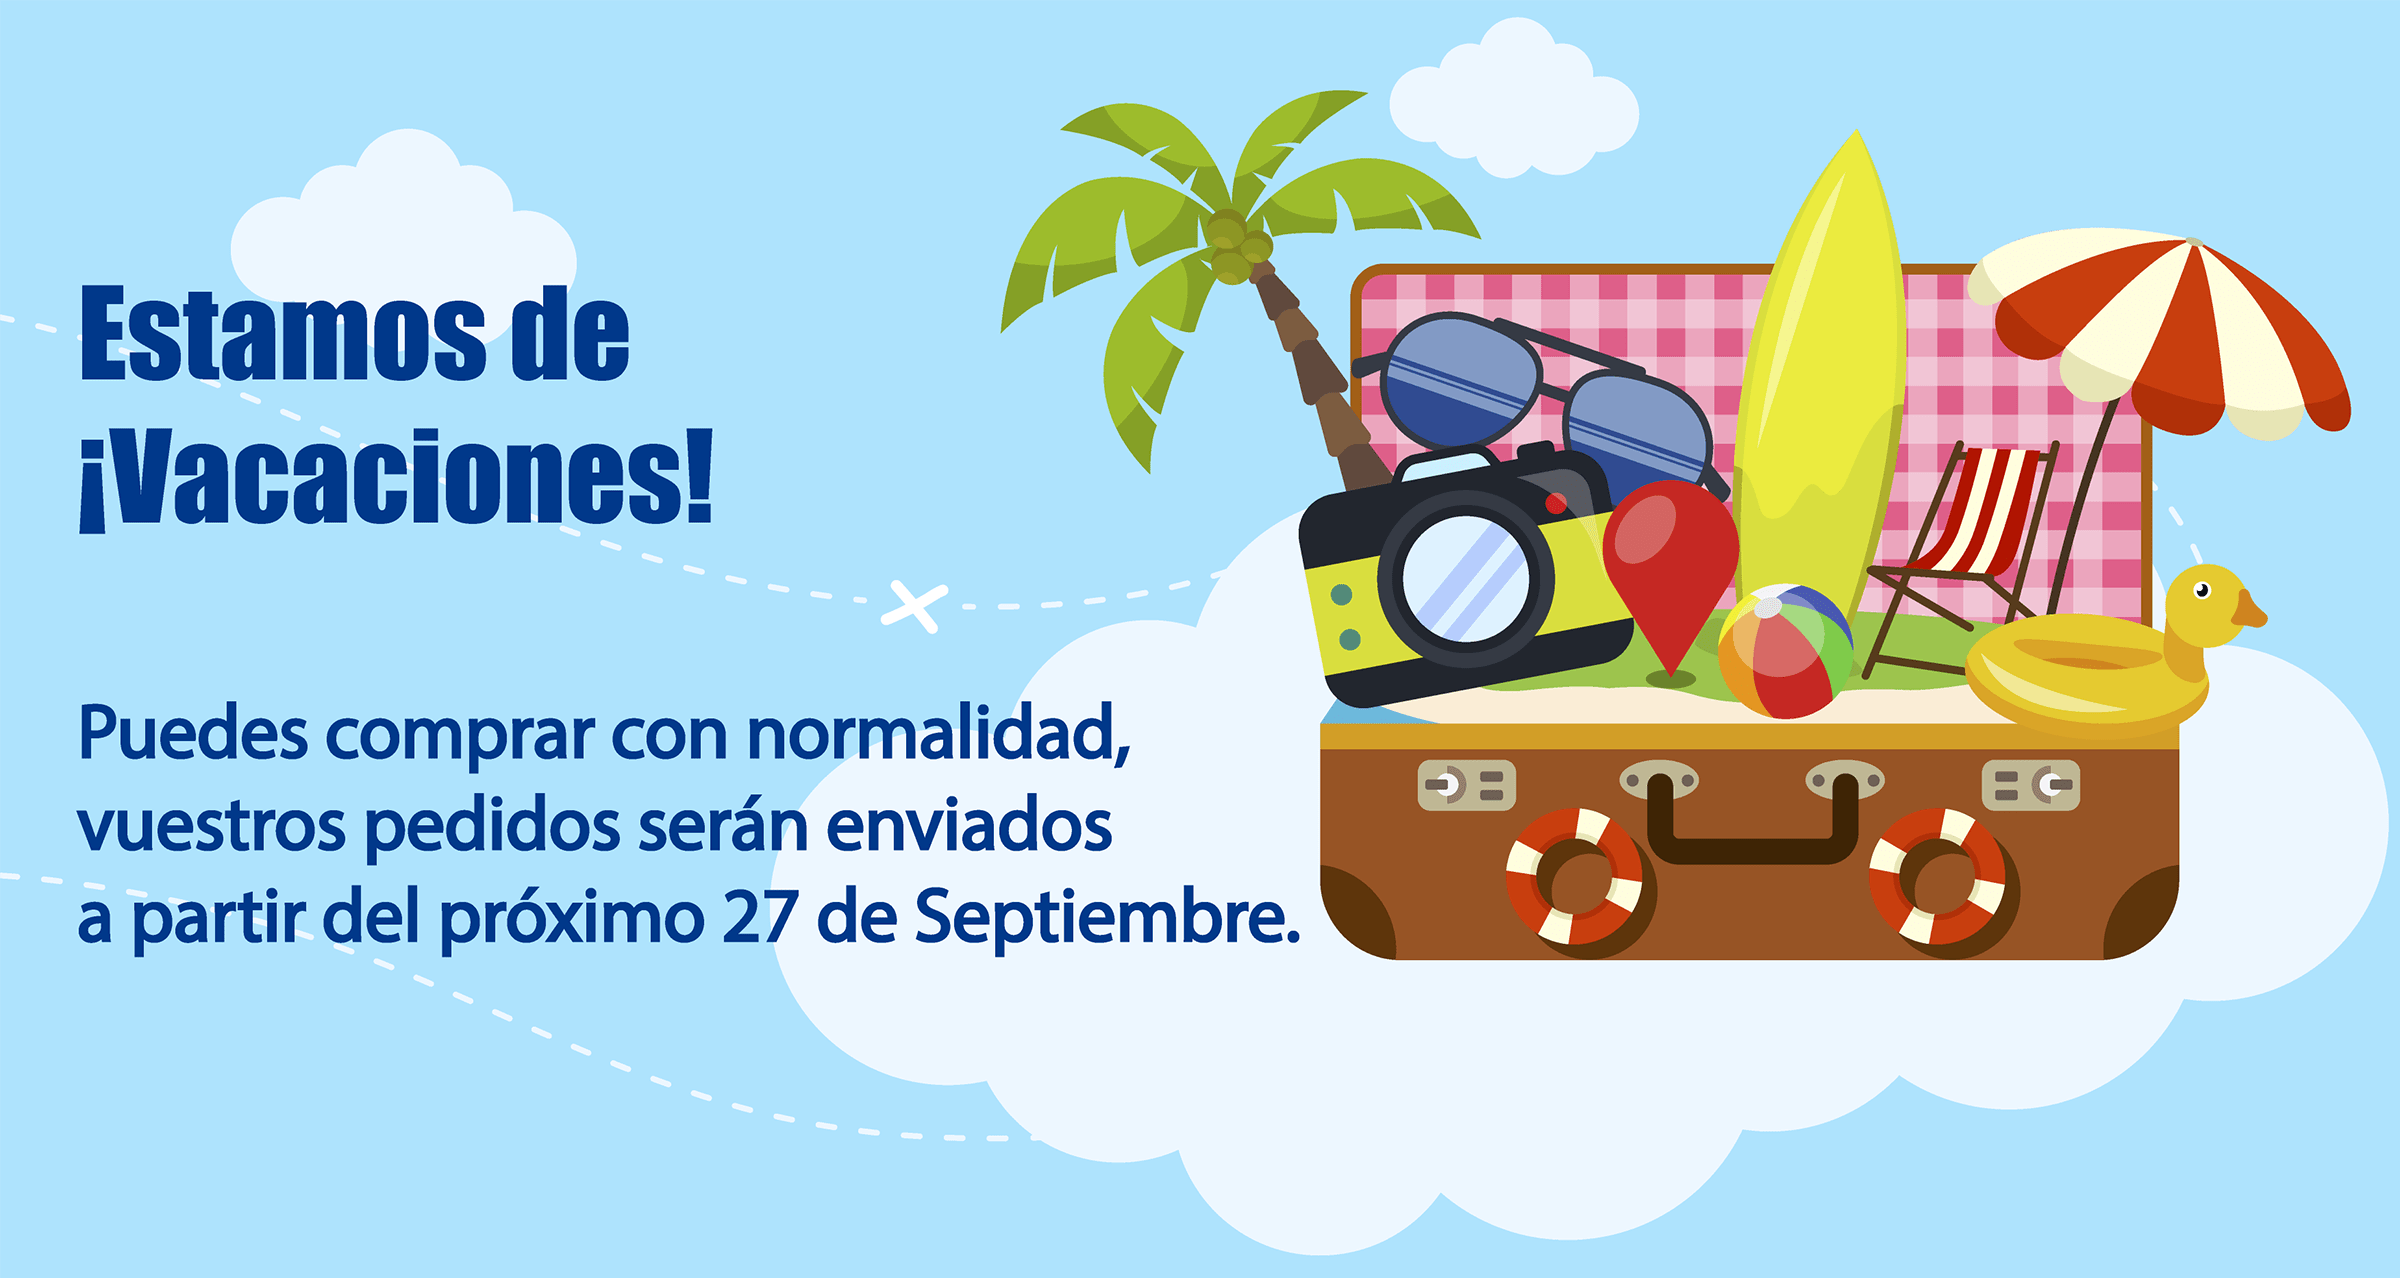 Vacaciones hasta el próximo 27 de Septiembre